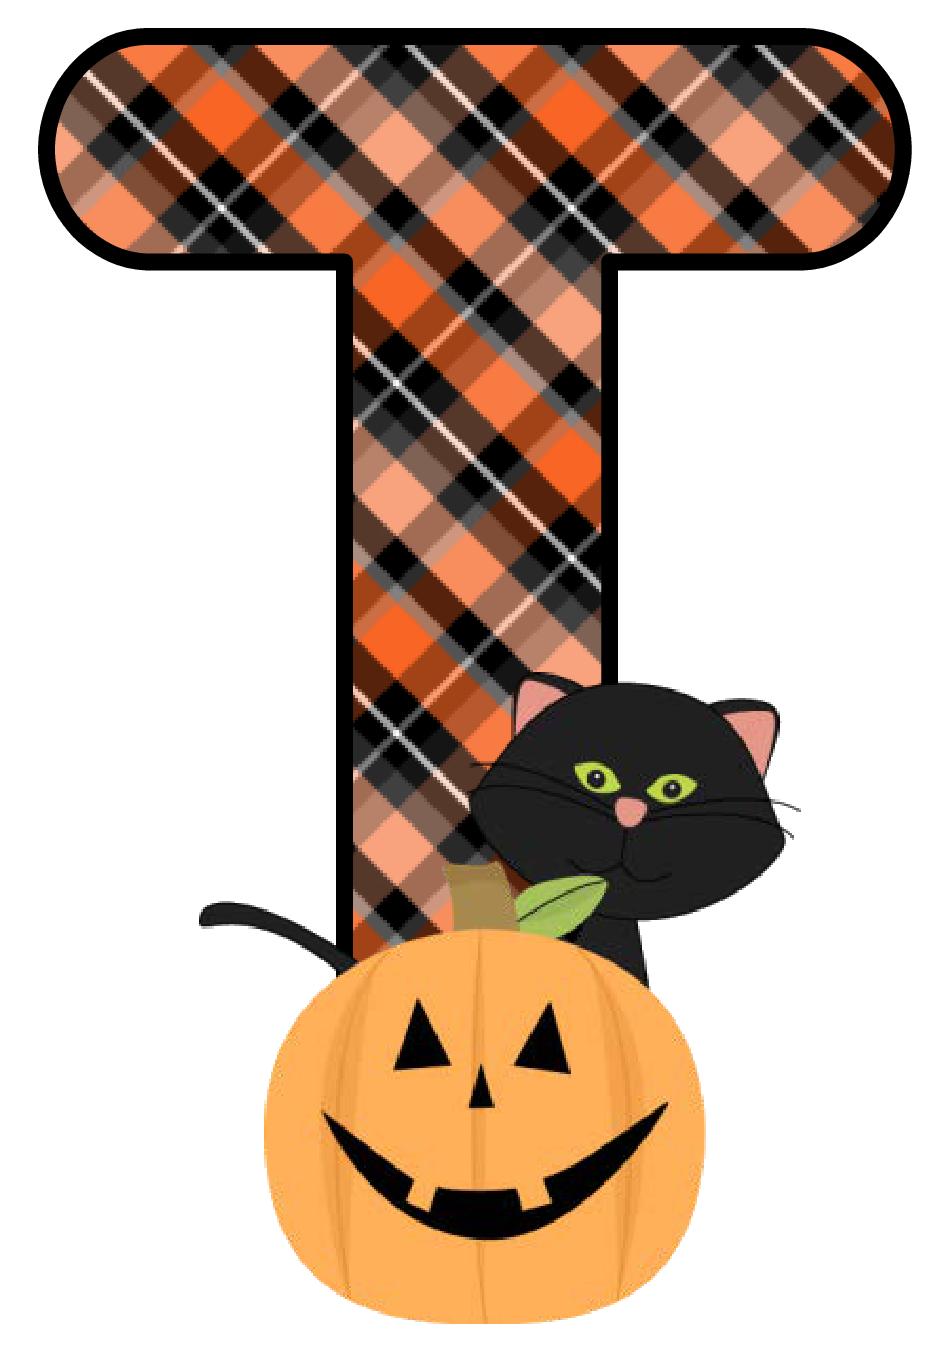 CH B * * ALFABETO CALABAZA DE KID SPARKZ Halloween